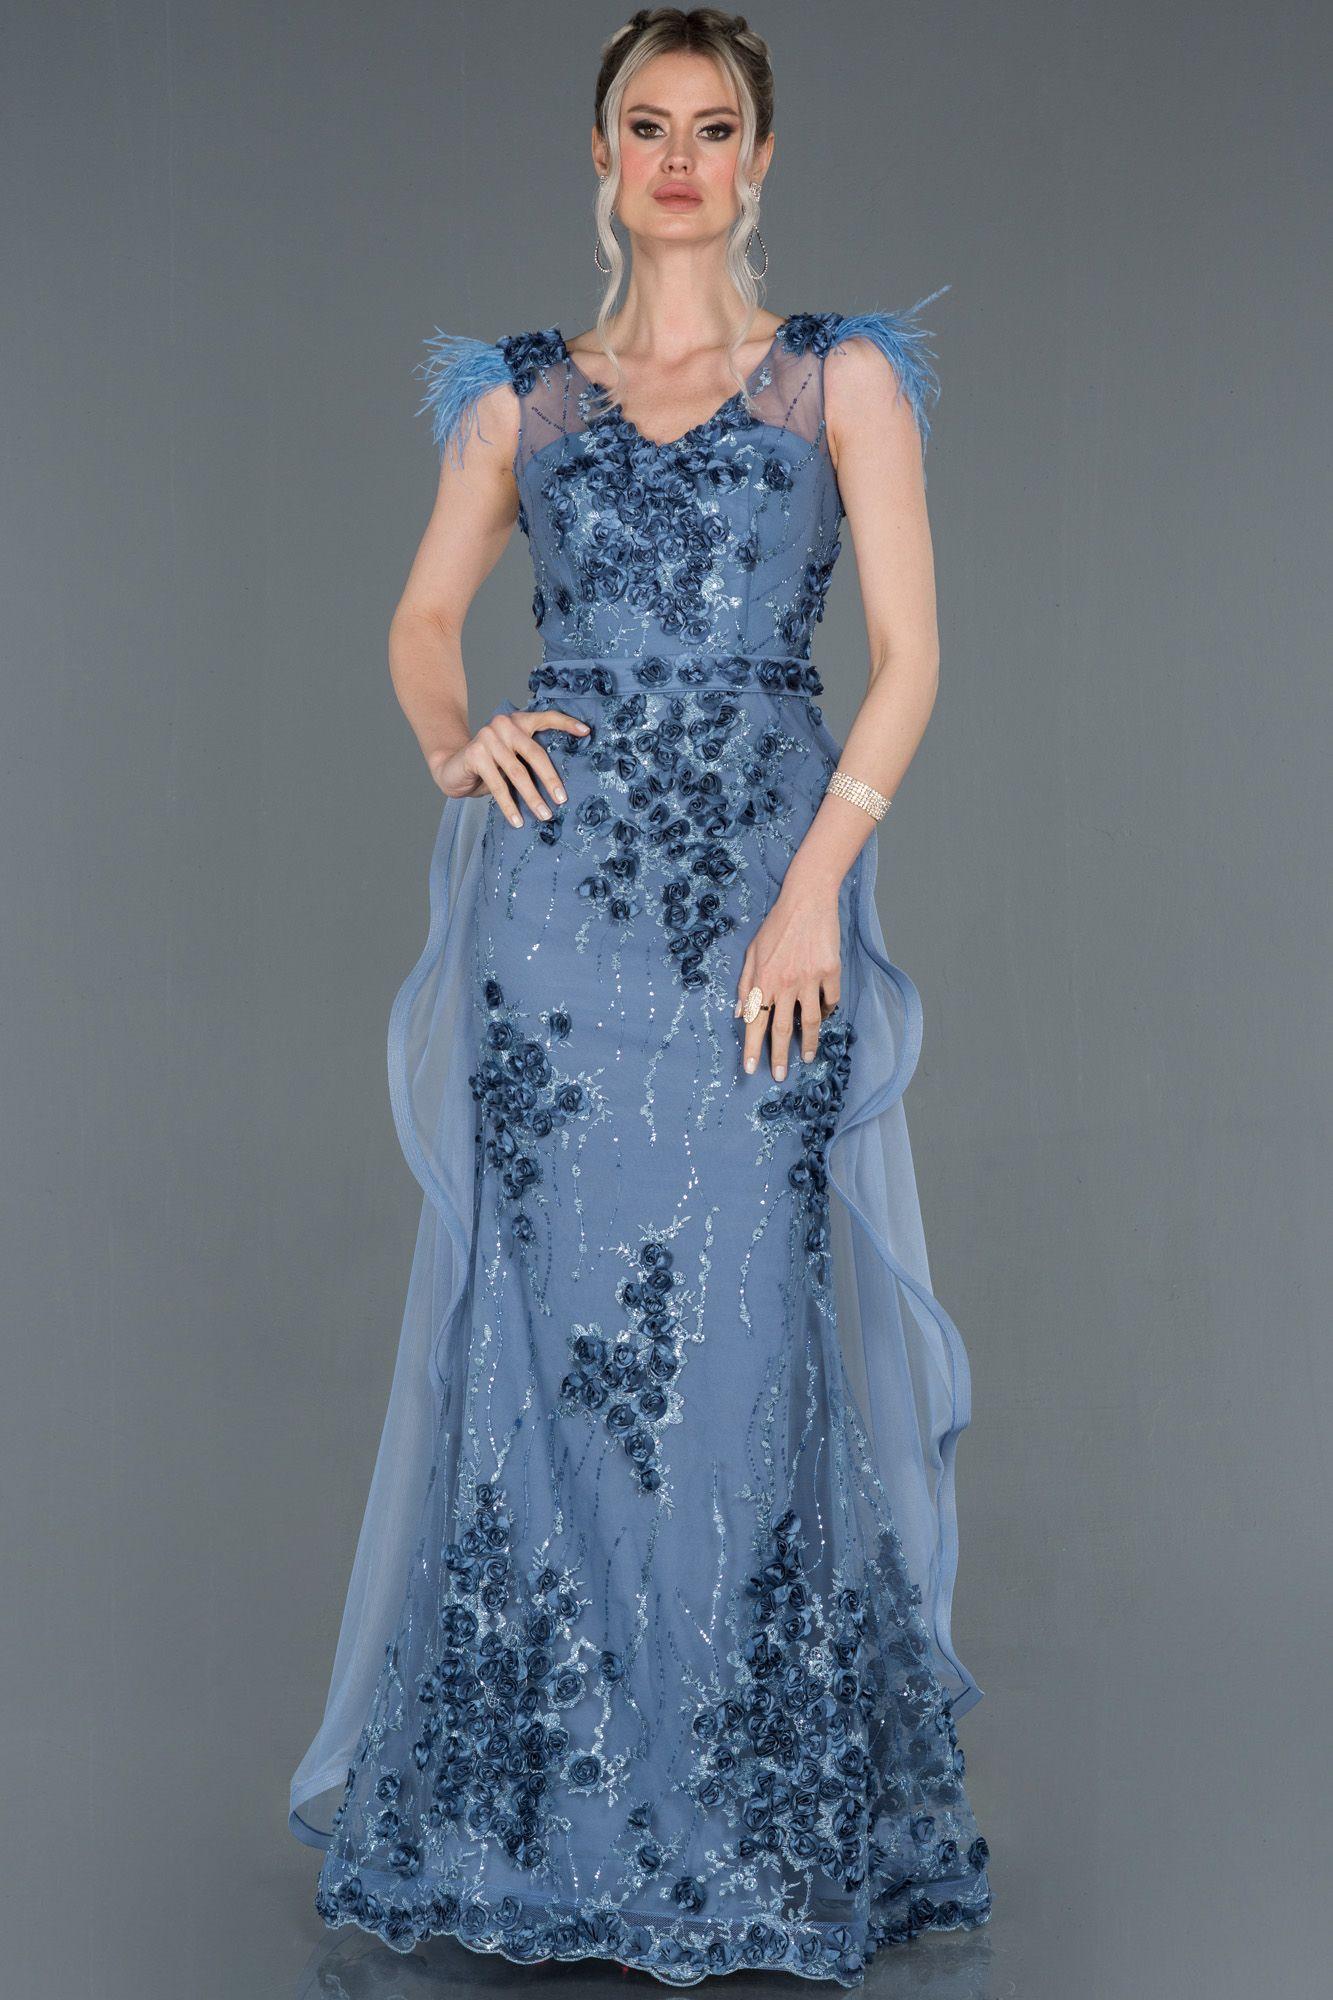 Indigo Omuzlari Otrisli Gul Islemeli Abiye Elbise Abu1202 2020 Elbise Modelleri The Dress Elbise